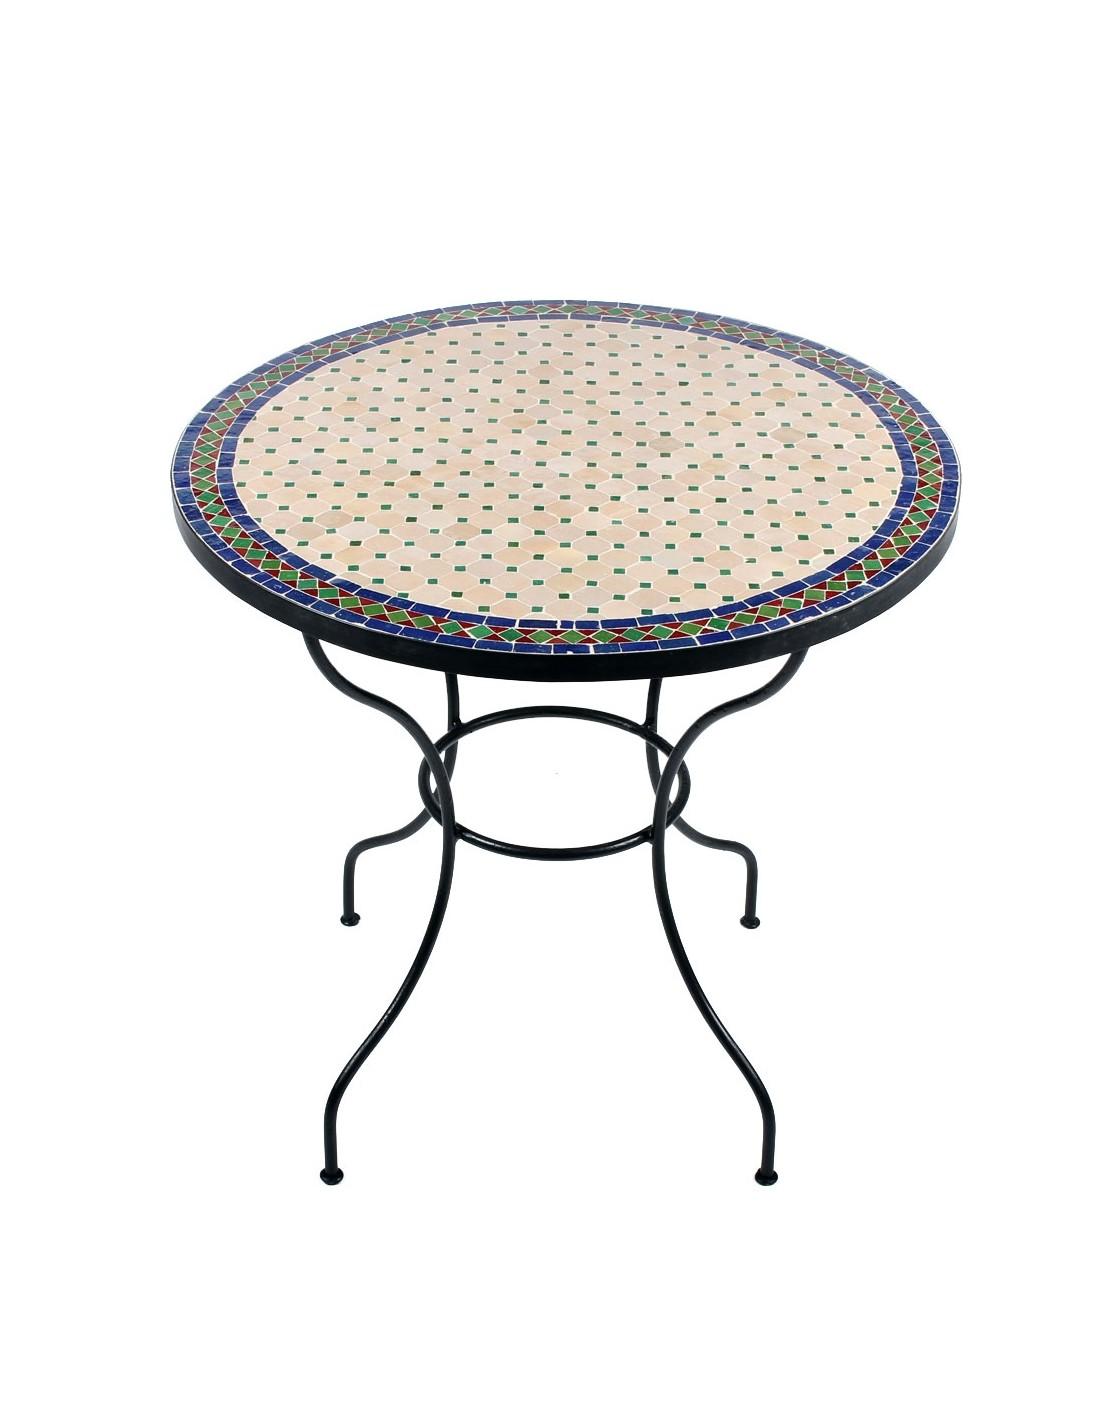 gartentisch rund 80 cm cheap rund cm in bezug auf inspire glasplatte rund cm haus ideen with. Black Bedroom Furniture Sets. Home Design Ideas